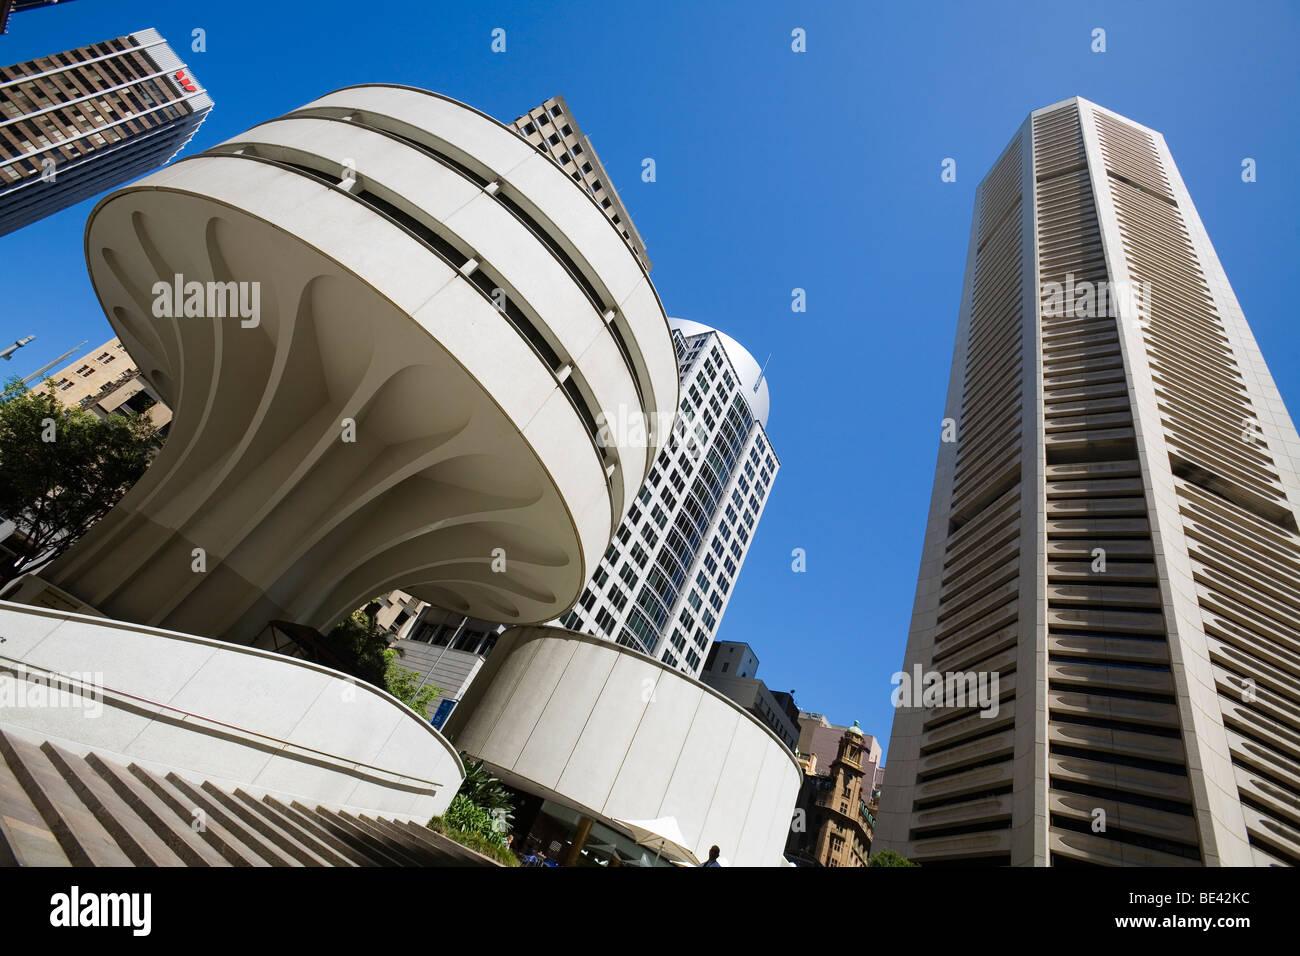 Moderne Architektur des MLC-Centers am 19 Martin Place in der Innenstadt. Sydney, New South Wales, Australien Stockbild